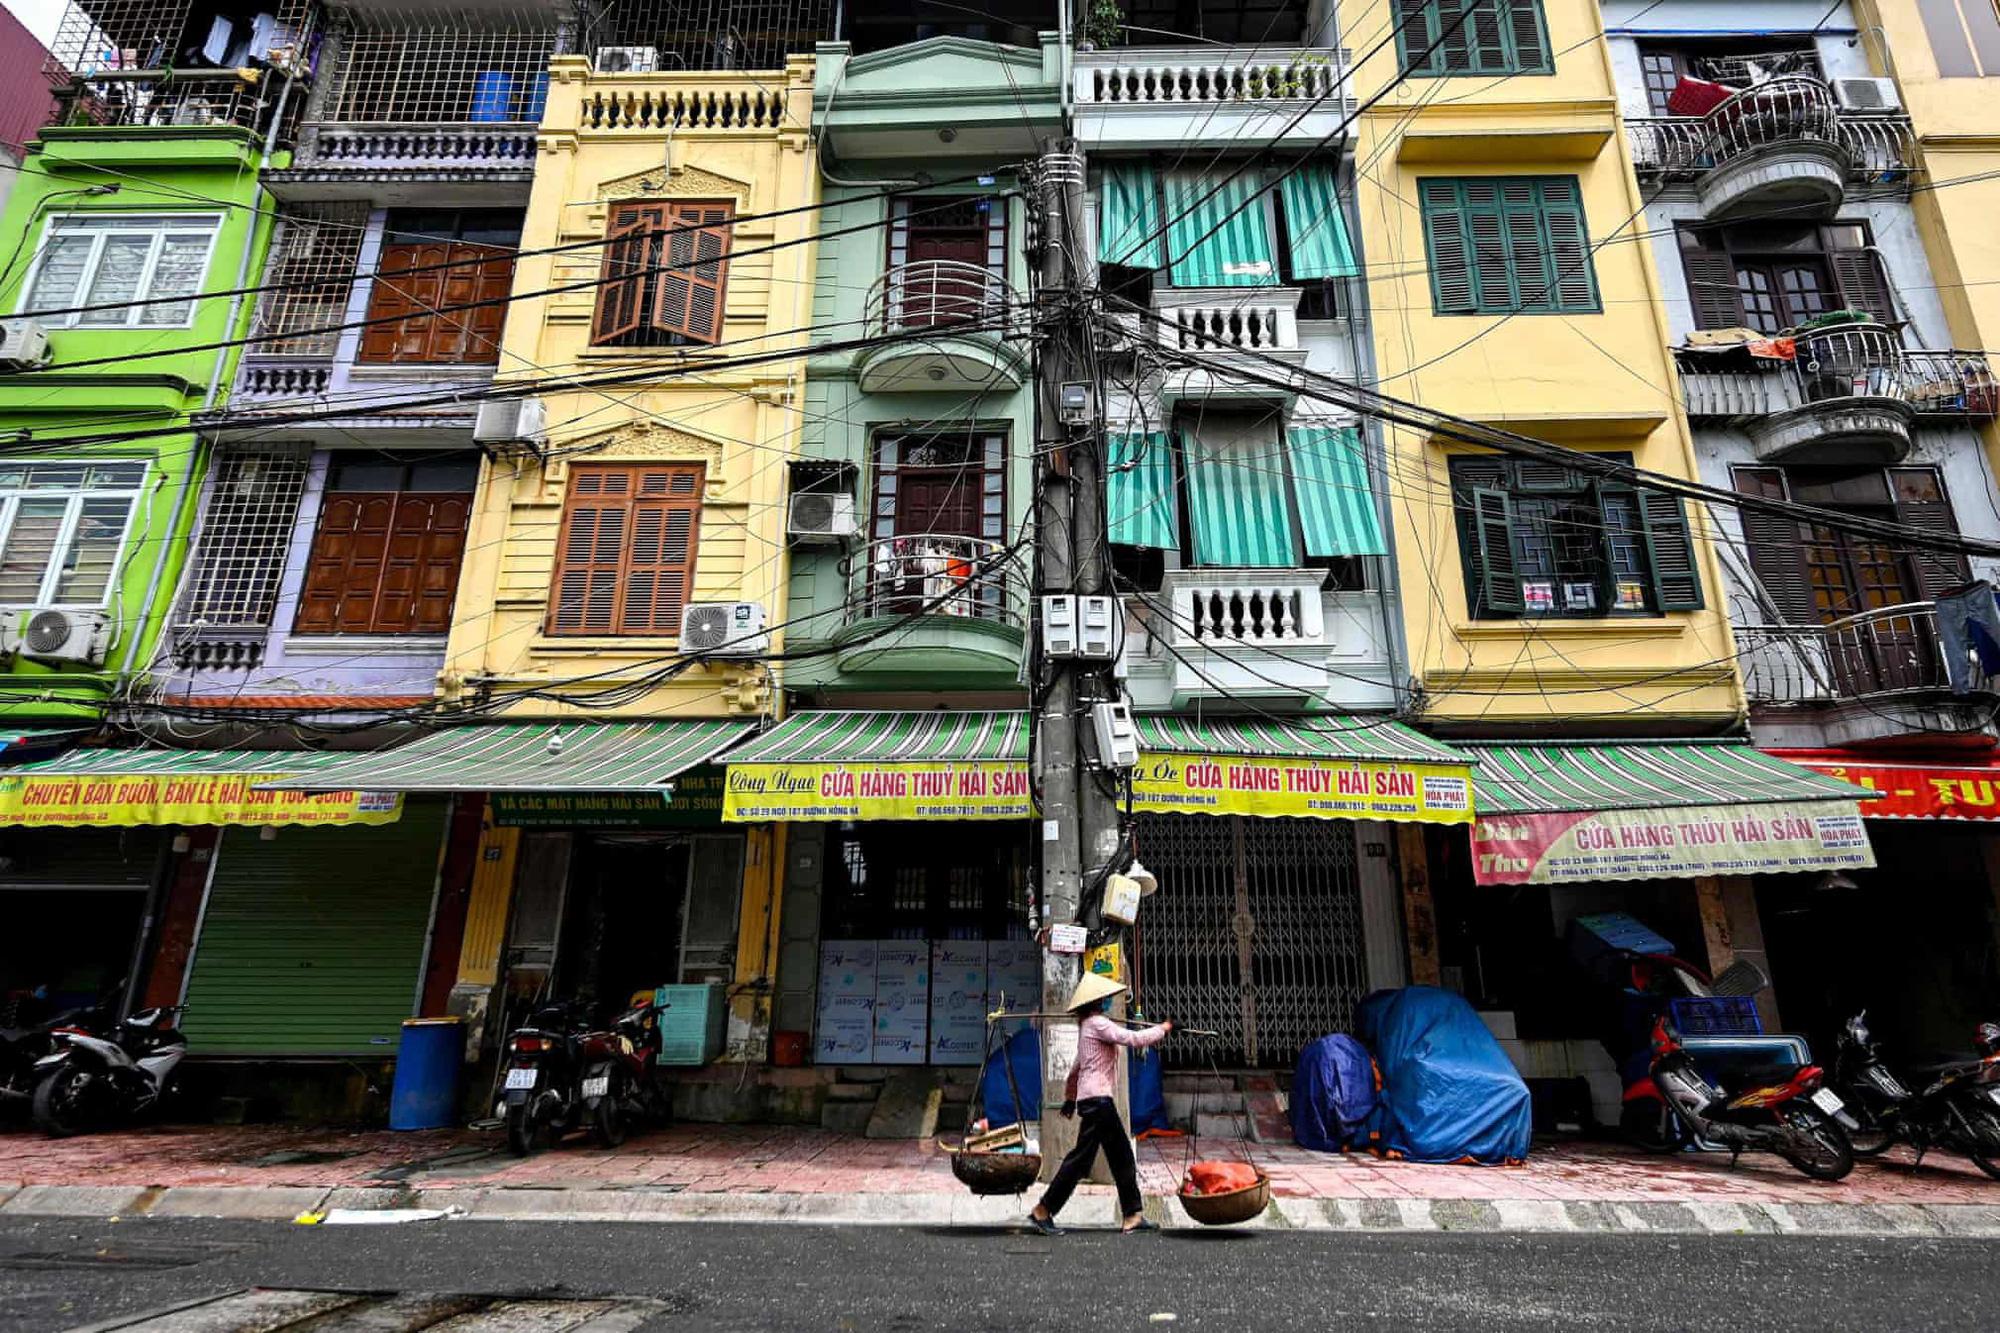 Nhà ống ở Hà Nội lên báo nước ngoài - Ảnh 4.